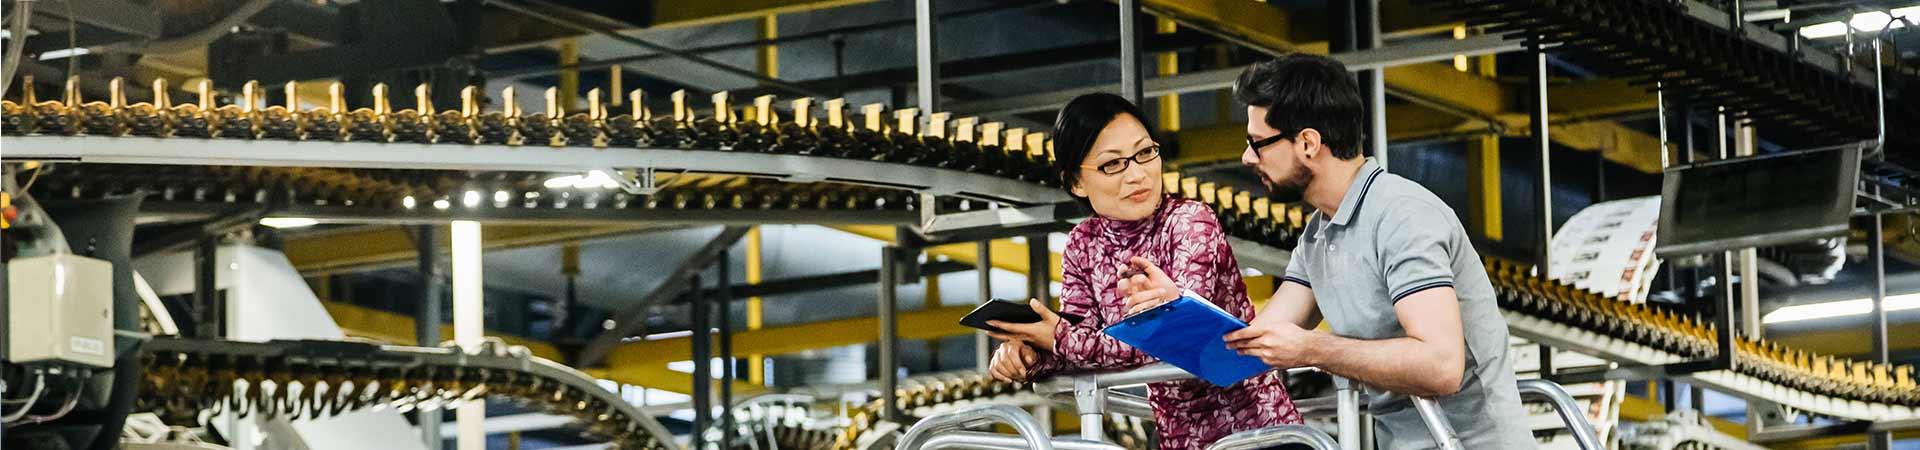 Bessere Produktionsplanung dank ERP-System